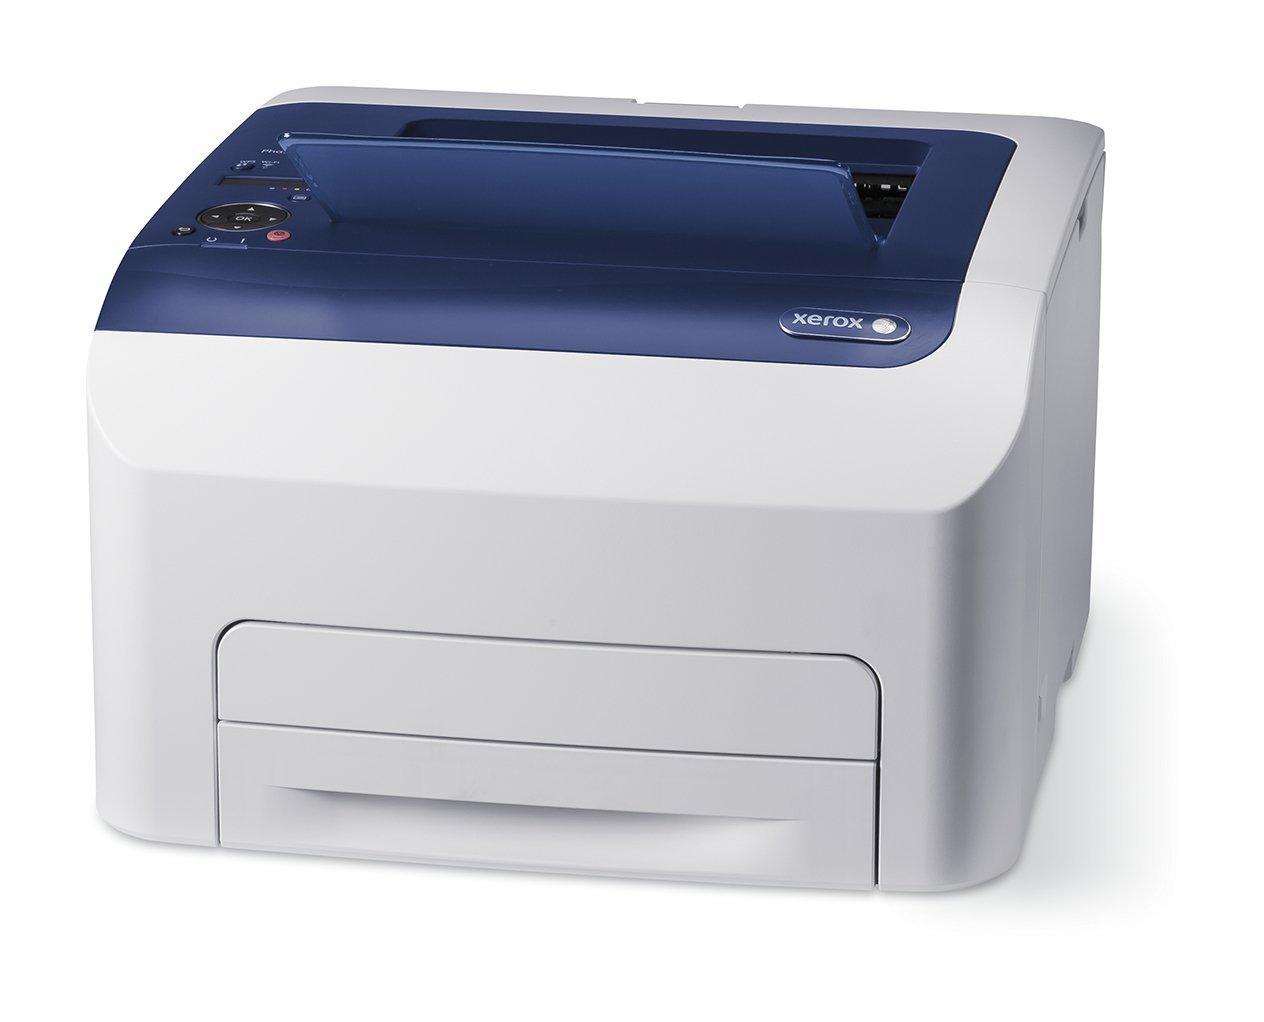 <br></br>Phaser 6022 Color LED Printer